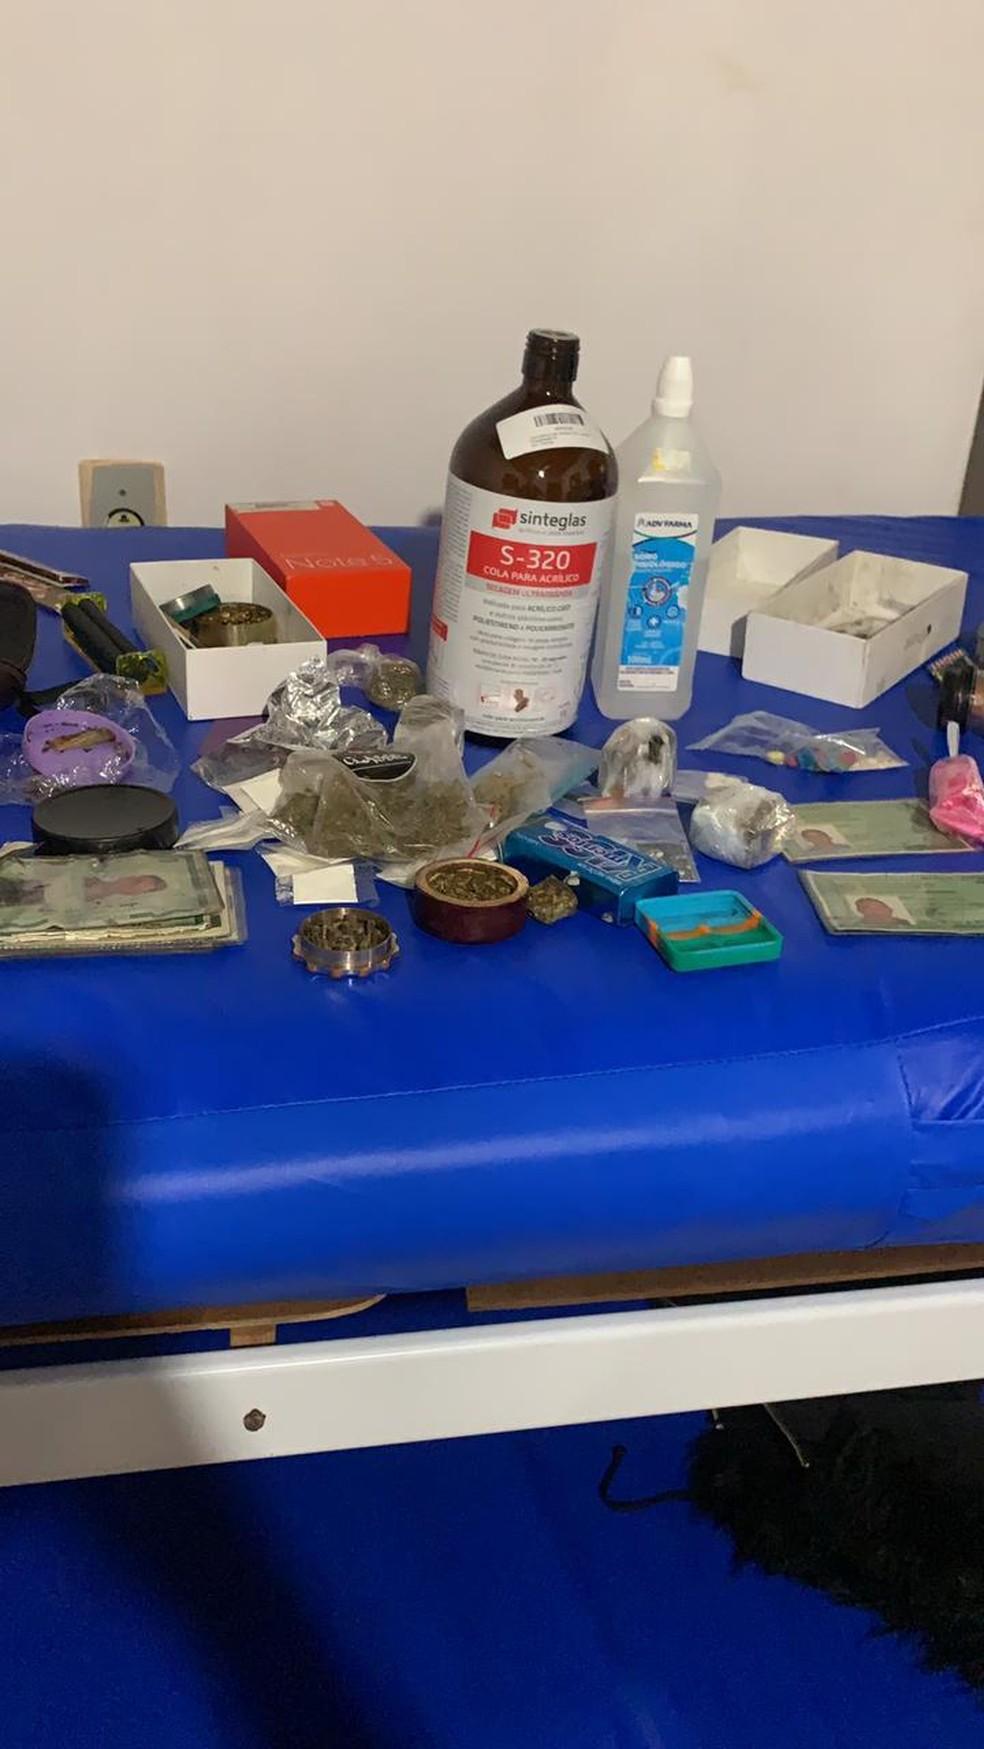 Materiais eram usados para fabricação de drogas sintéticas — Foto: Divulgação/ PM